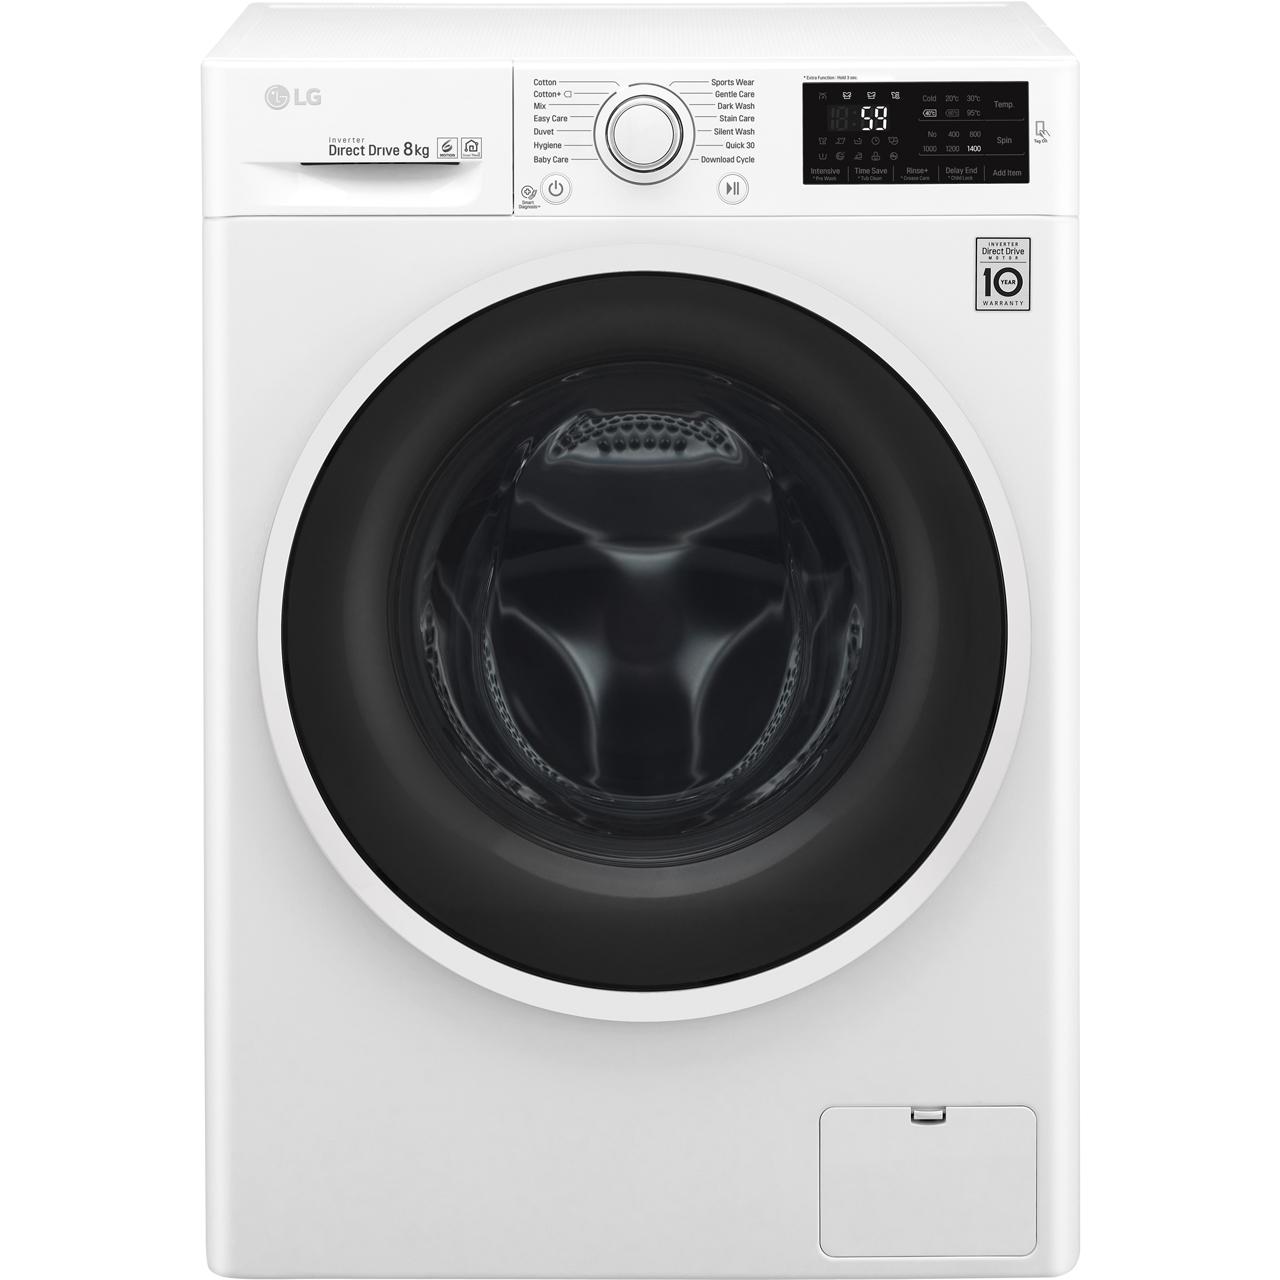 10% off LG Laundry with voucher code @ AO.com